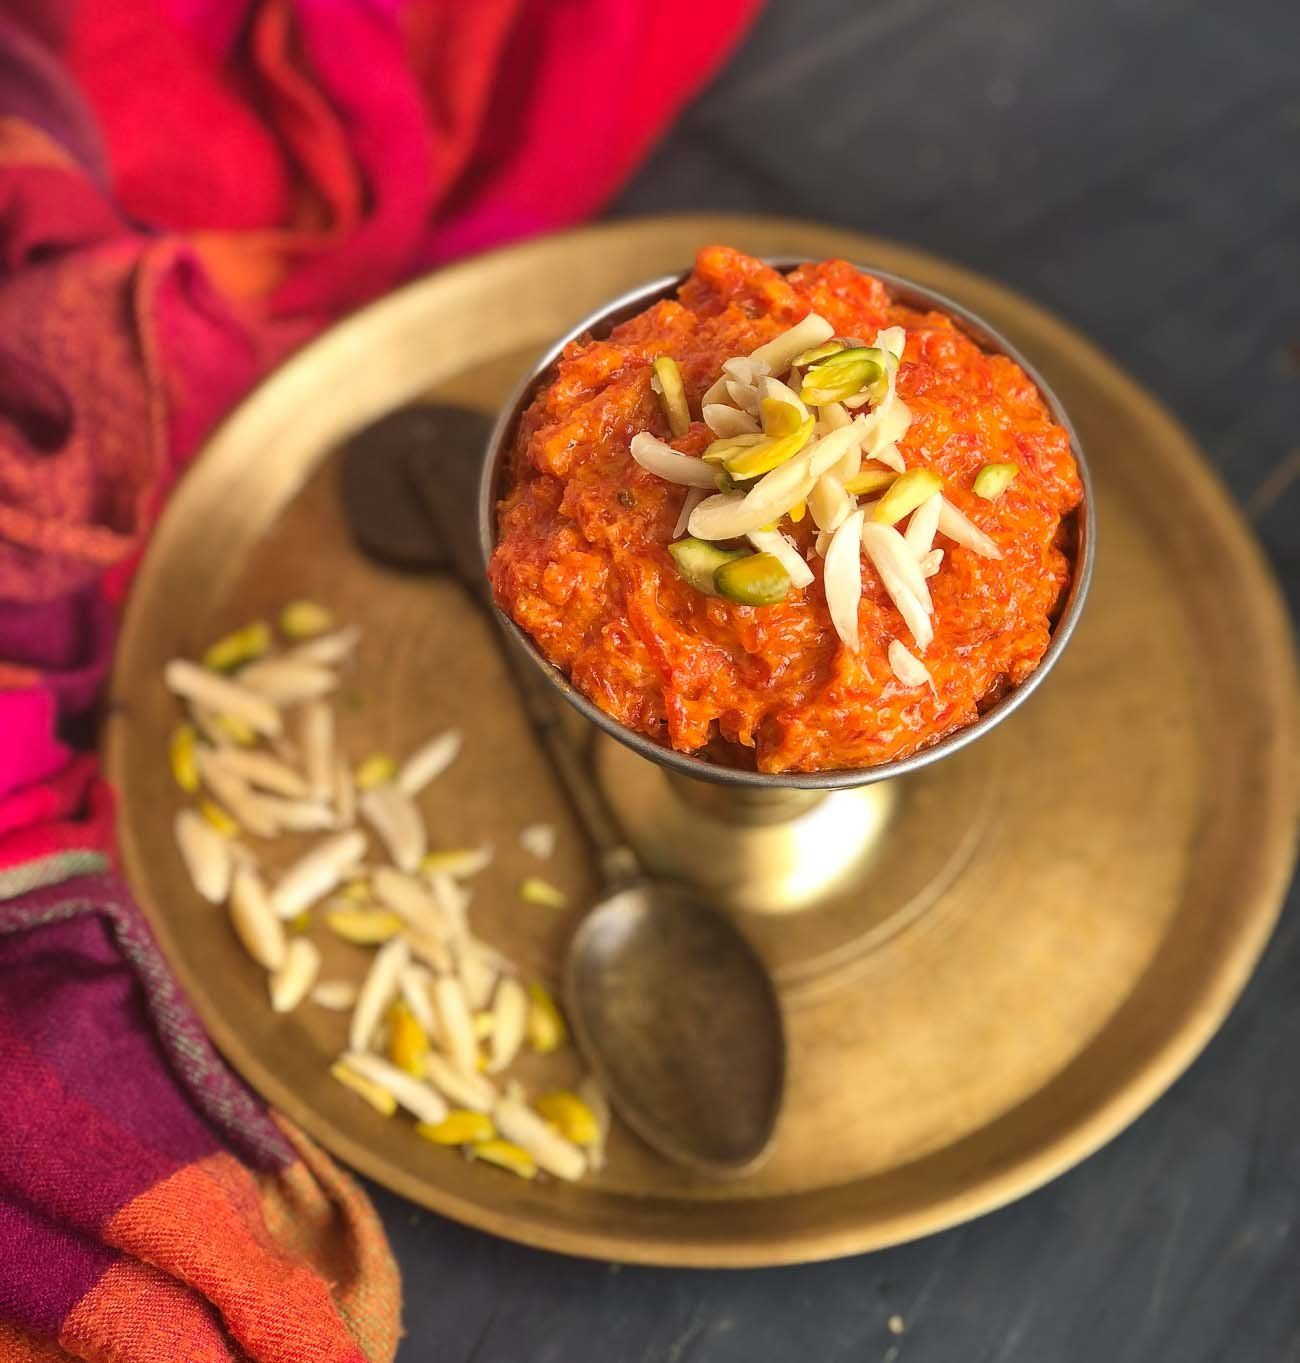 Easy Gajar Halwa Recipe With Khoya Made In A Pressure Cooker Recipe Gajar Ka Halwa Recipes Indian Desserts